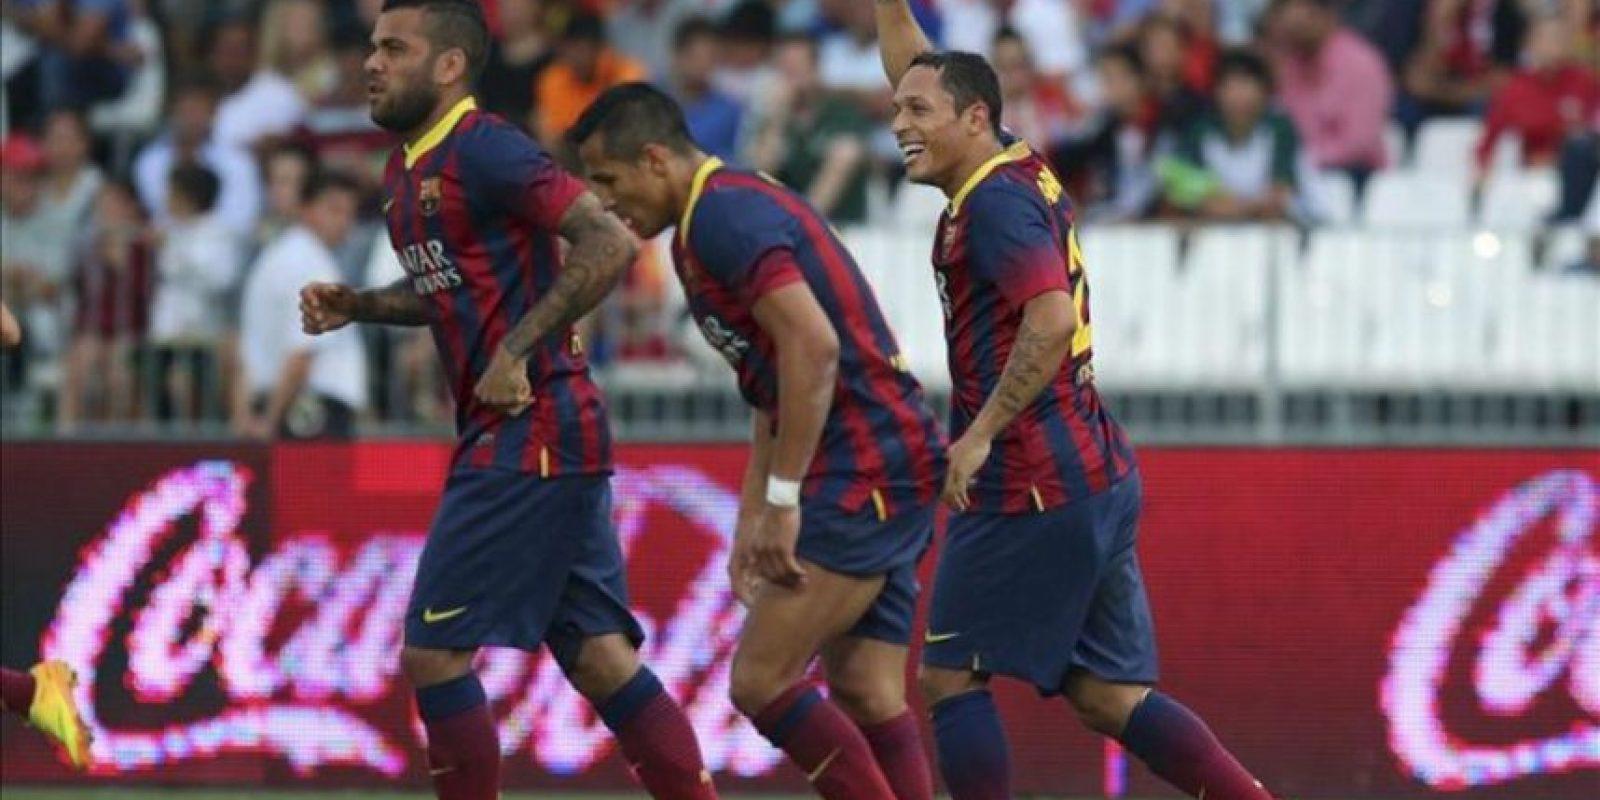 El centrocampista brasileño del FC Barcelona Adriano Correia (d) celebra el segundo gol de su equipo ante el Almería, en el partido de la séptima jornada de liga en Primera División que se disputó en el estadio de los Juegos Mediterráneos de Almeria. EFE